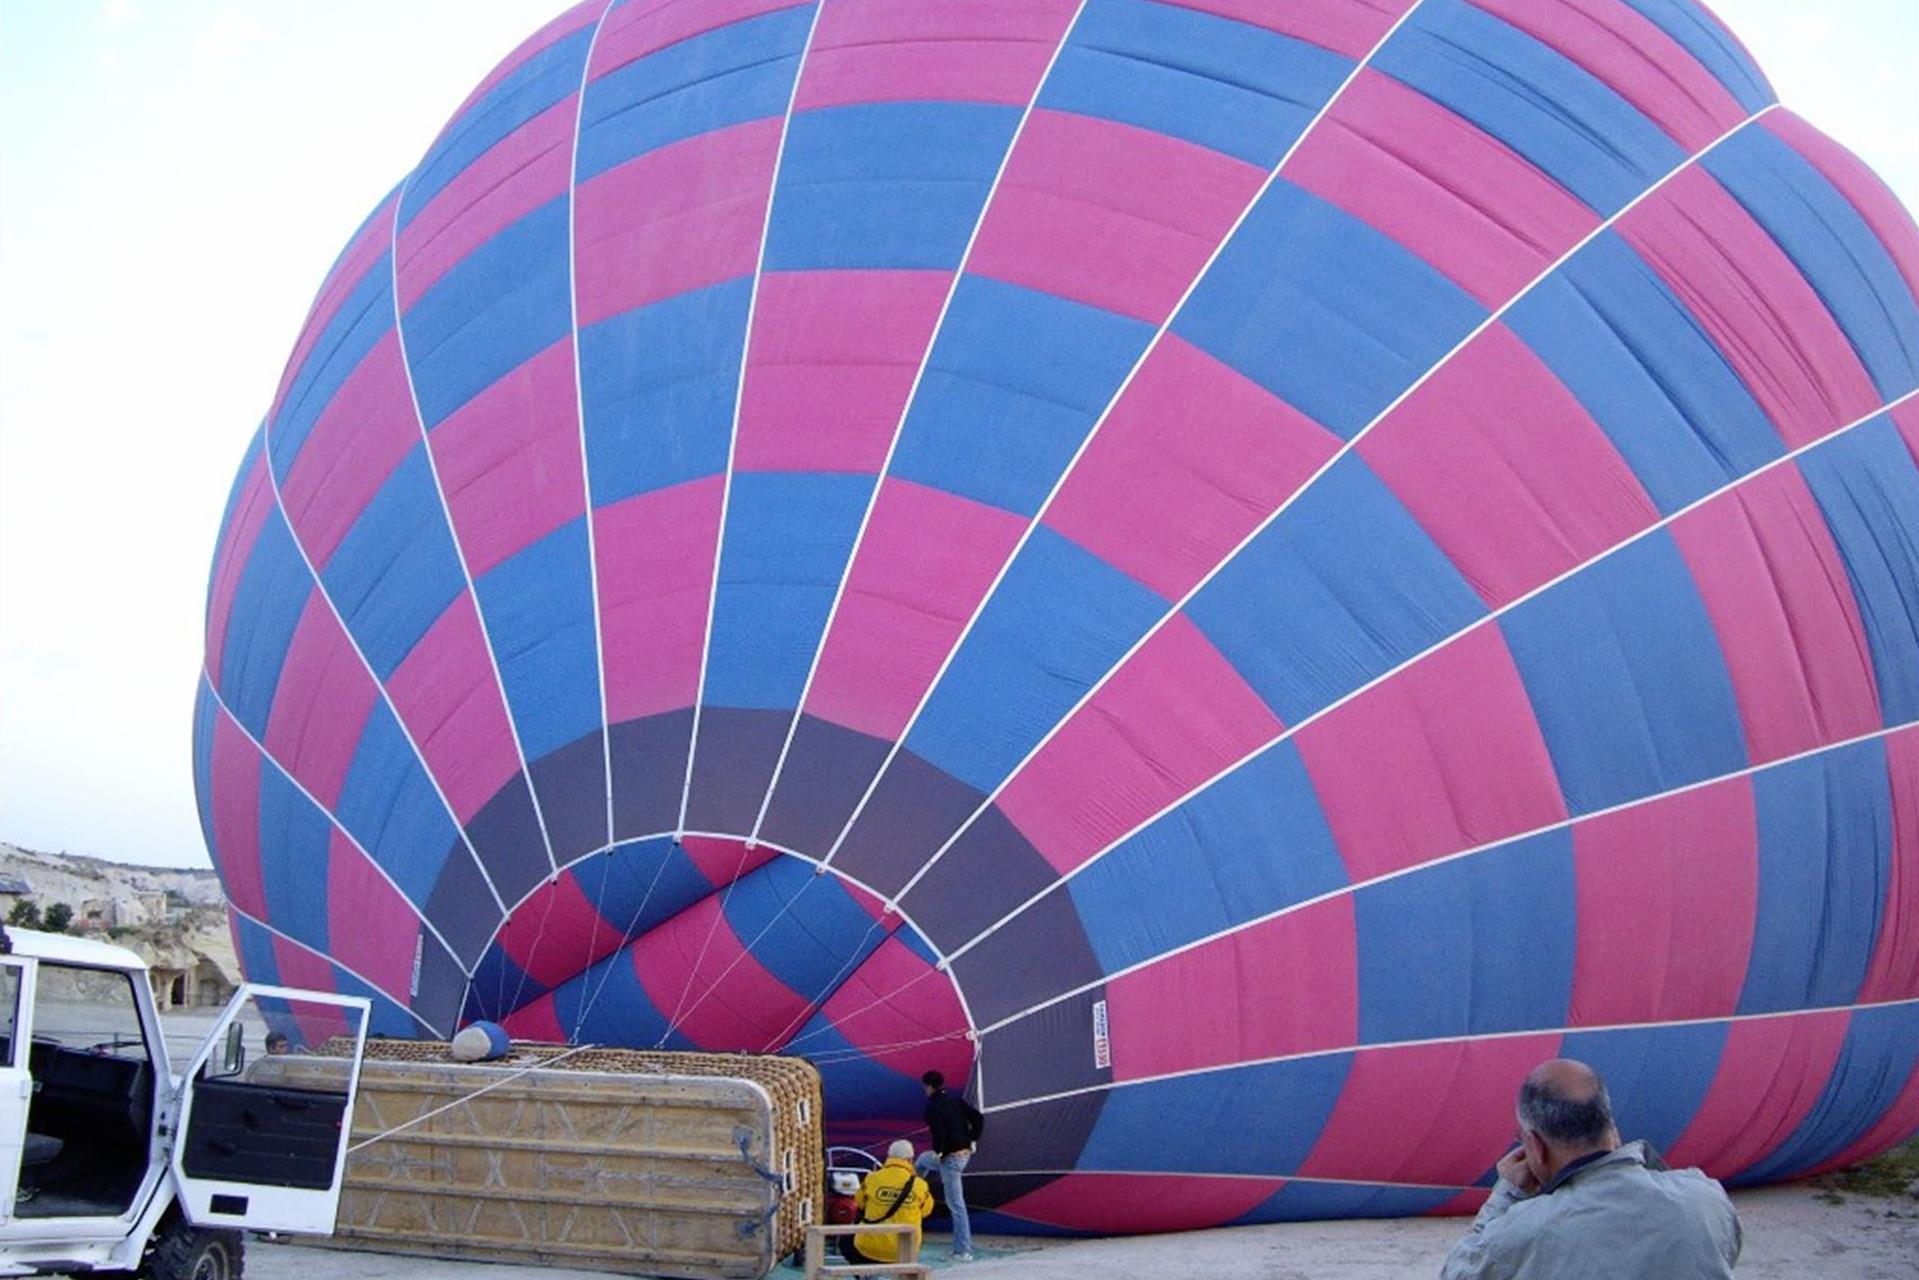 A preparation for Hot-Air Balloon Flight.